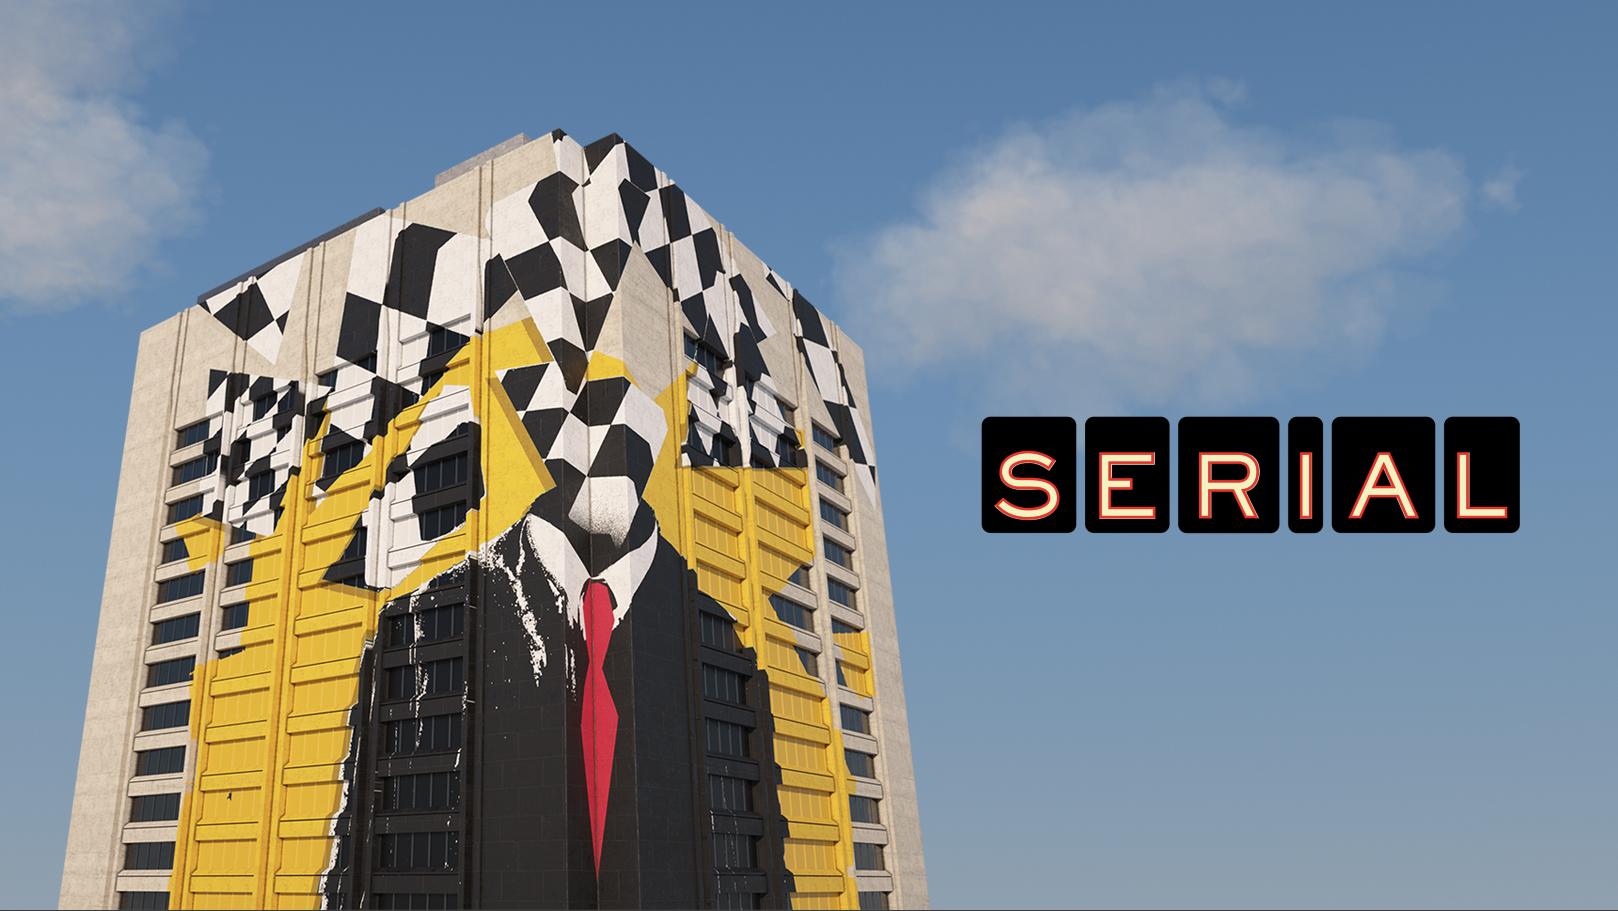 Serial Season 3 Key Art - Credit Moth Studio (Building), Adam Maida (Mural)